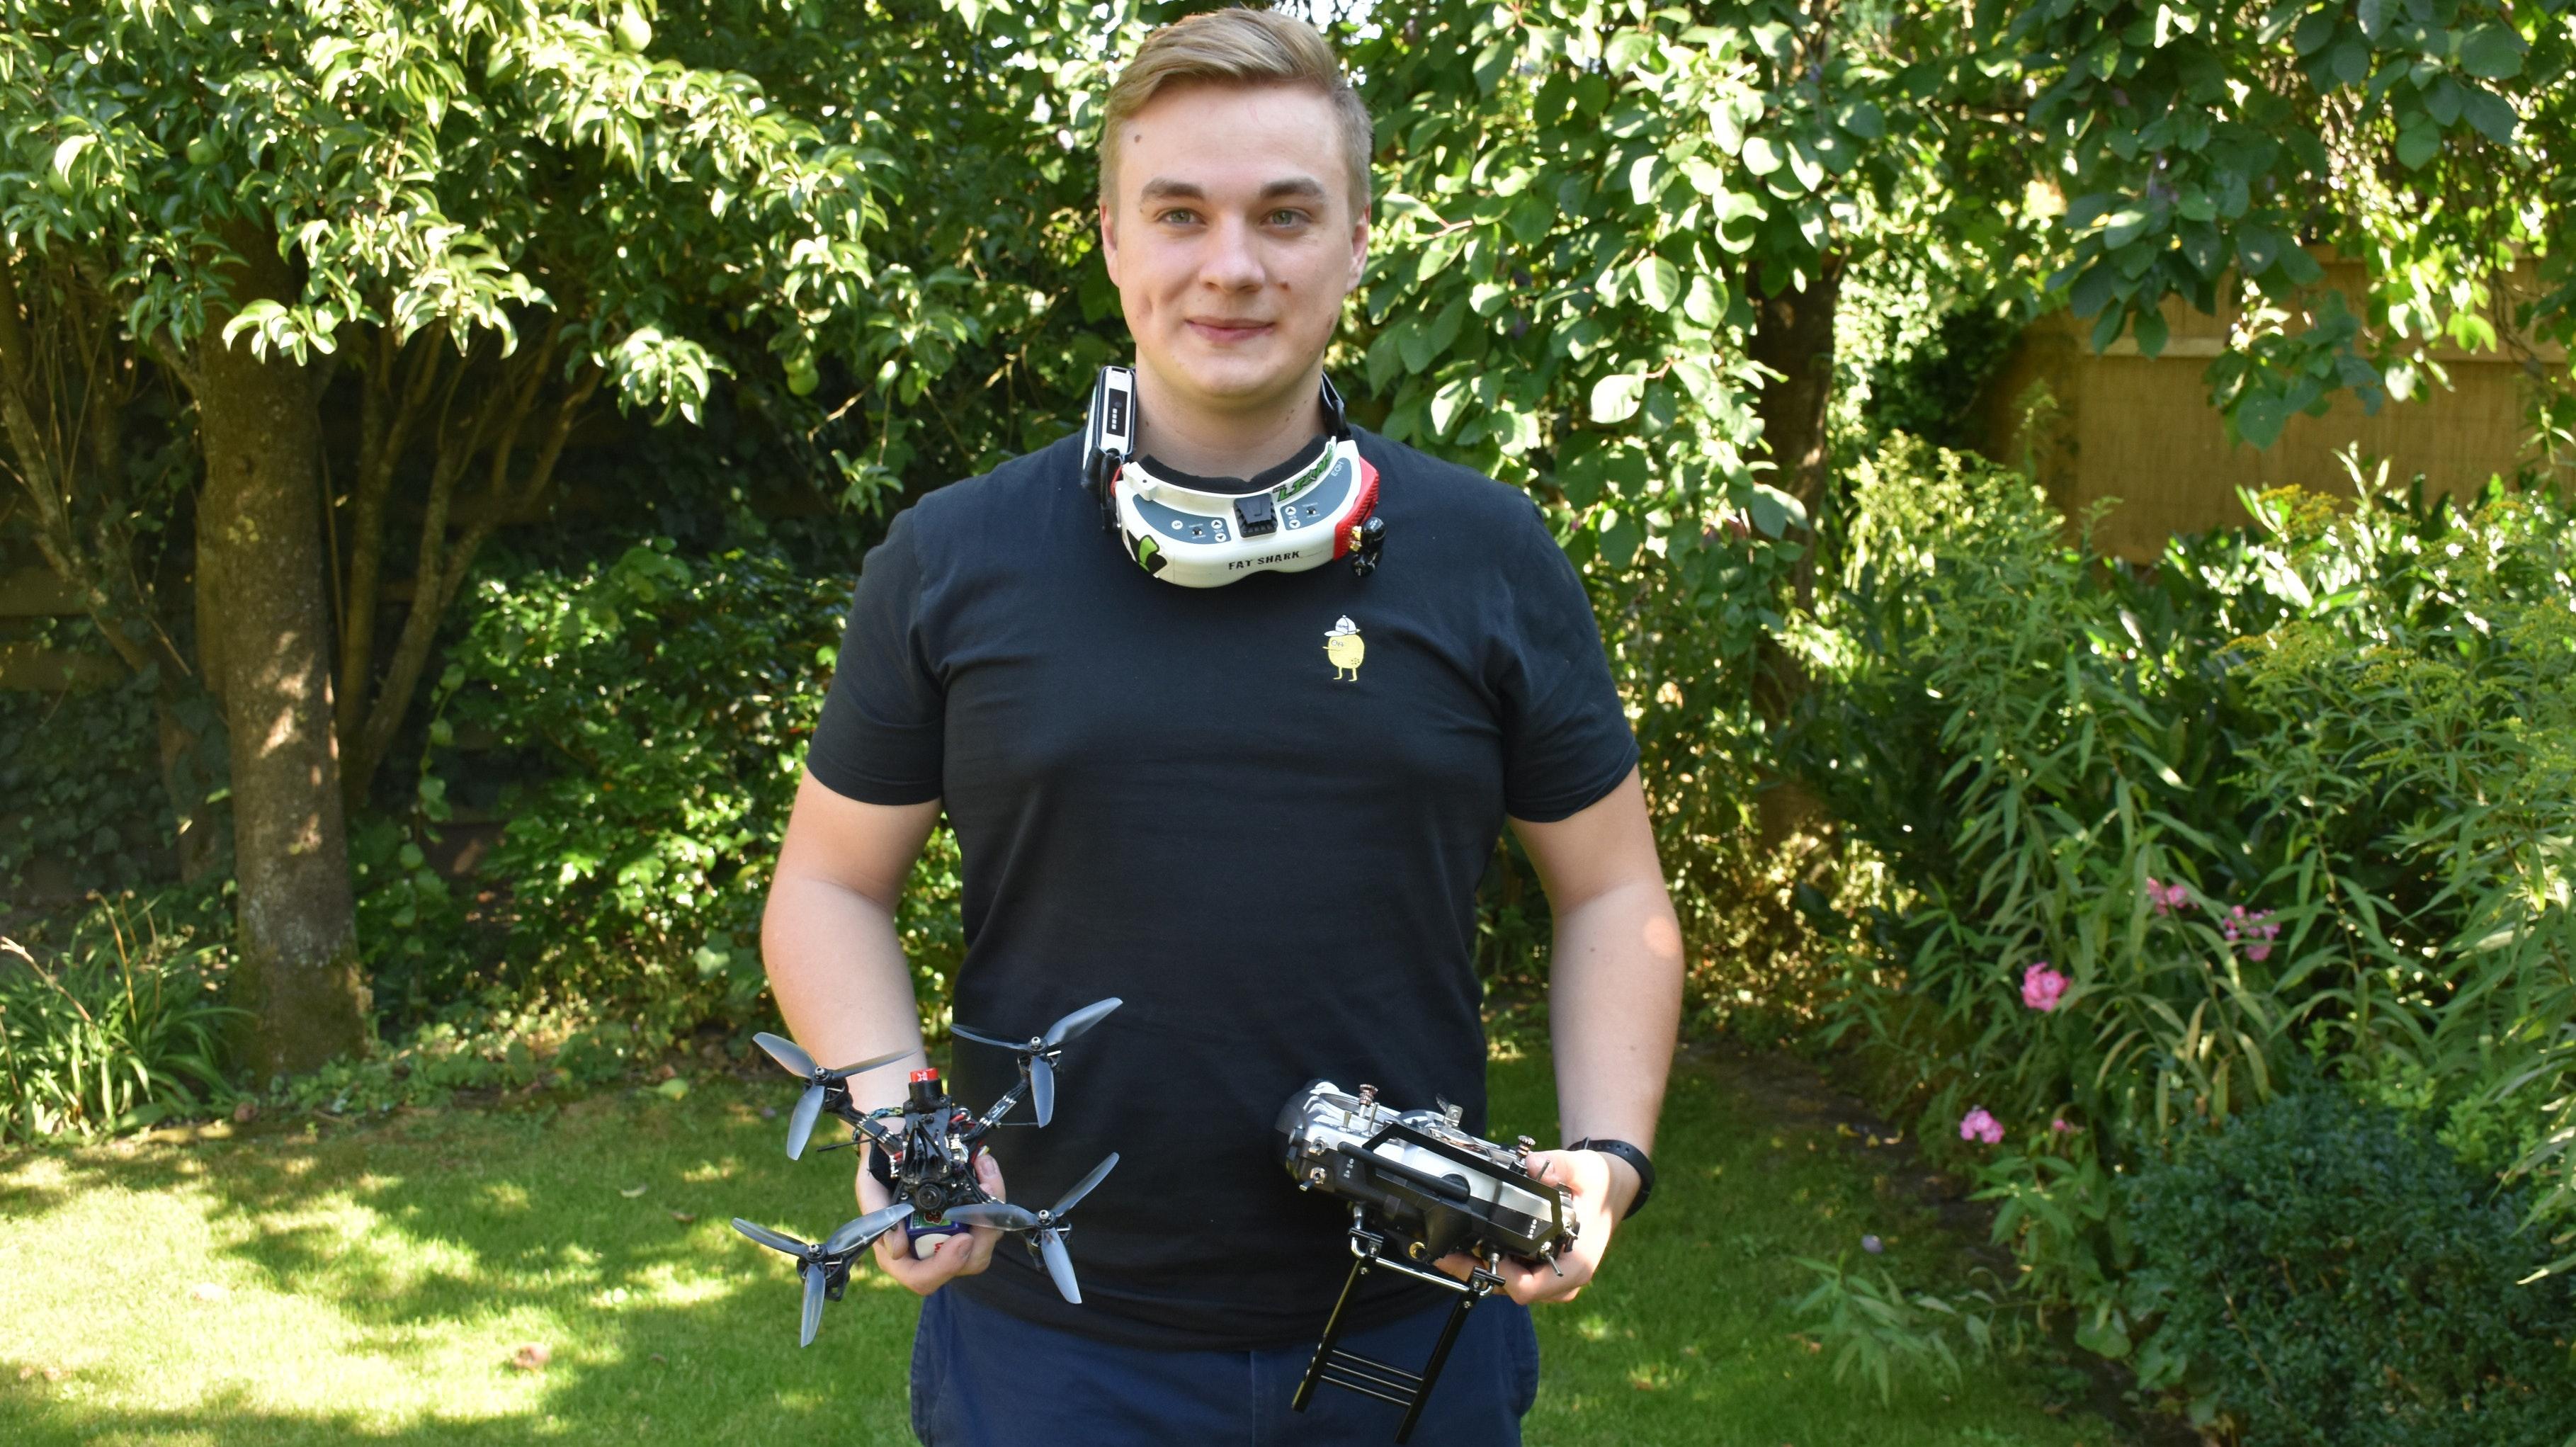 Drohne, Brille und Joystick: Beim Drohnenracing wird viel Equipment benötigt. Foto: Kessen